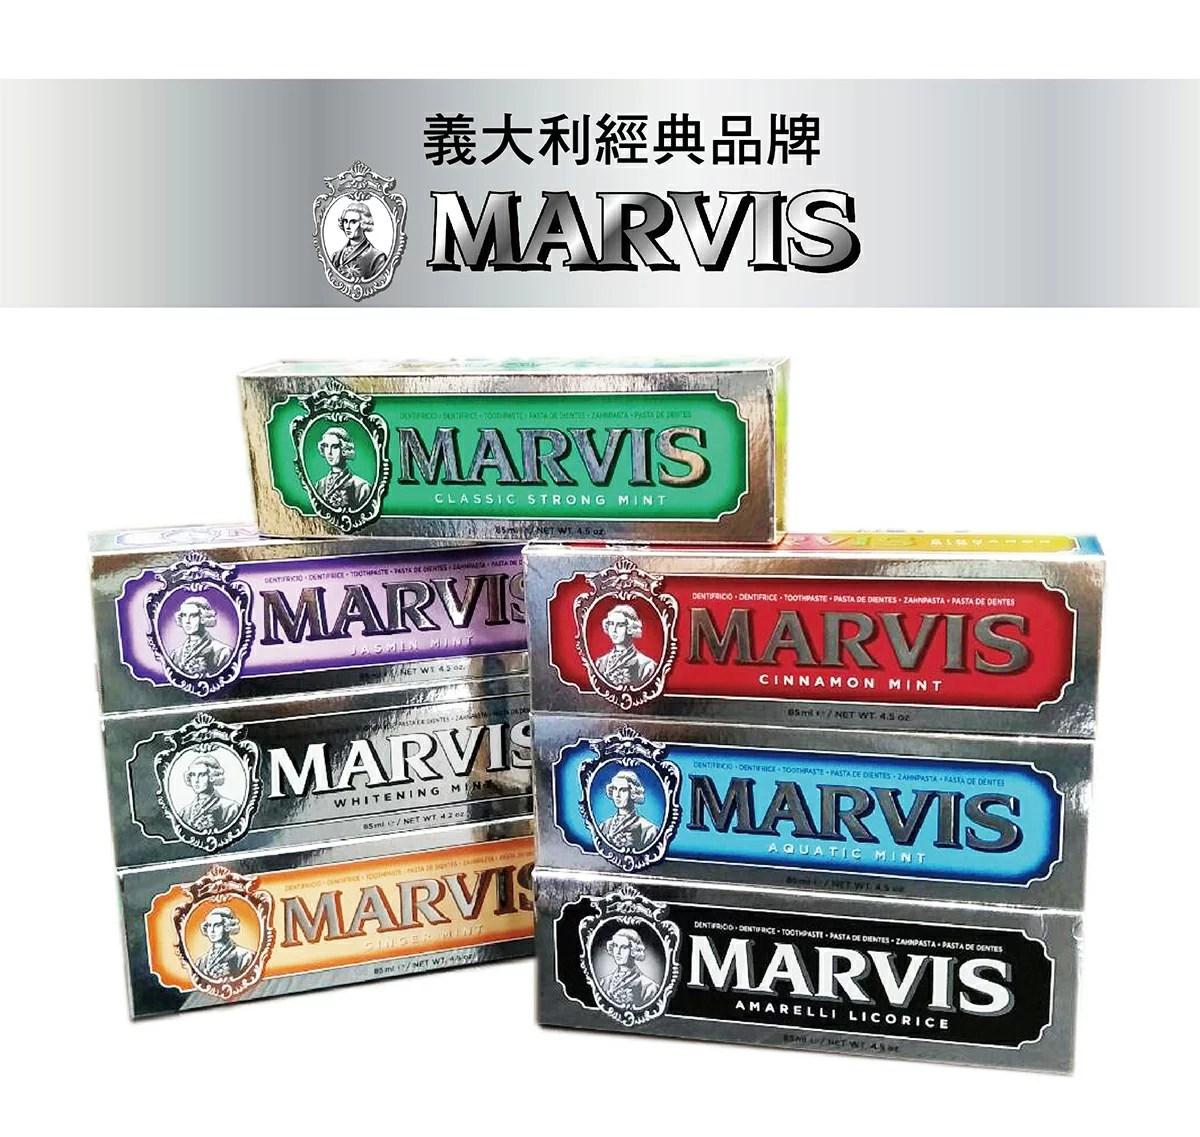 義大利MARVIS 全天然純植物成份牙膏(85ml)。共7種口味。 - 油夠便宜 | Rakuten樂天市場